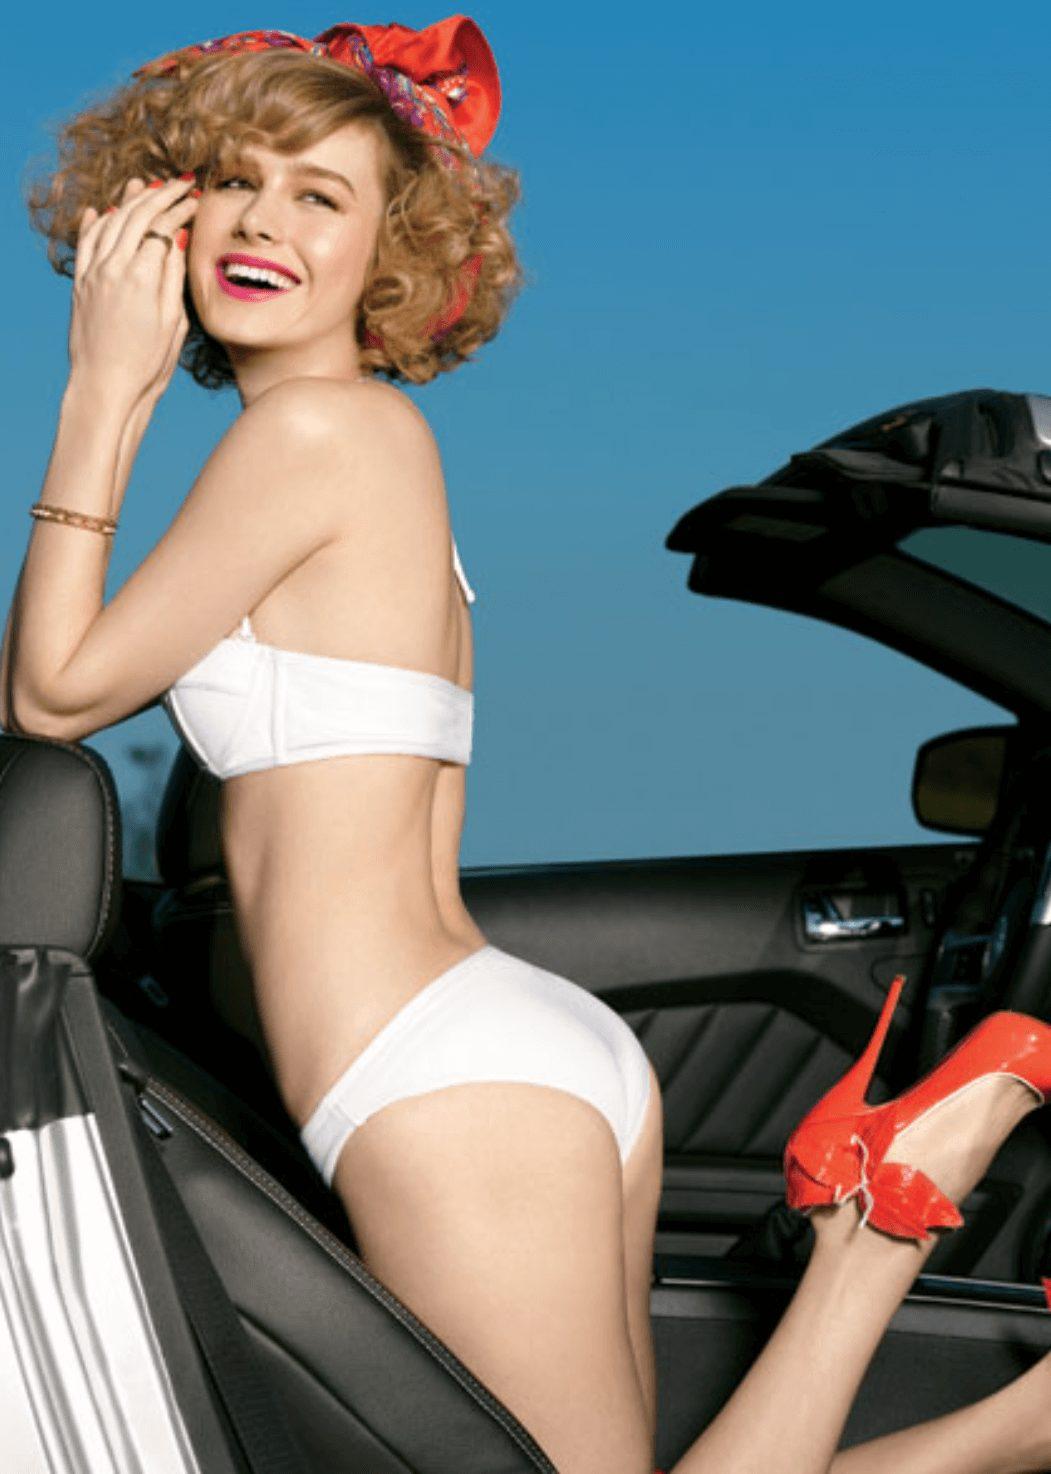 Brie-Larson-white-bikini-pic